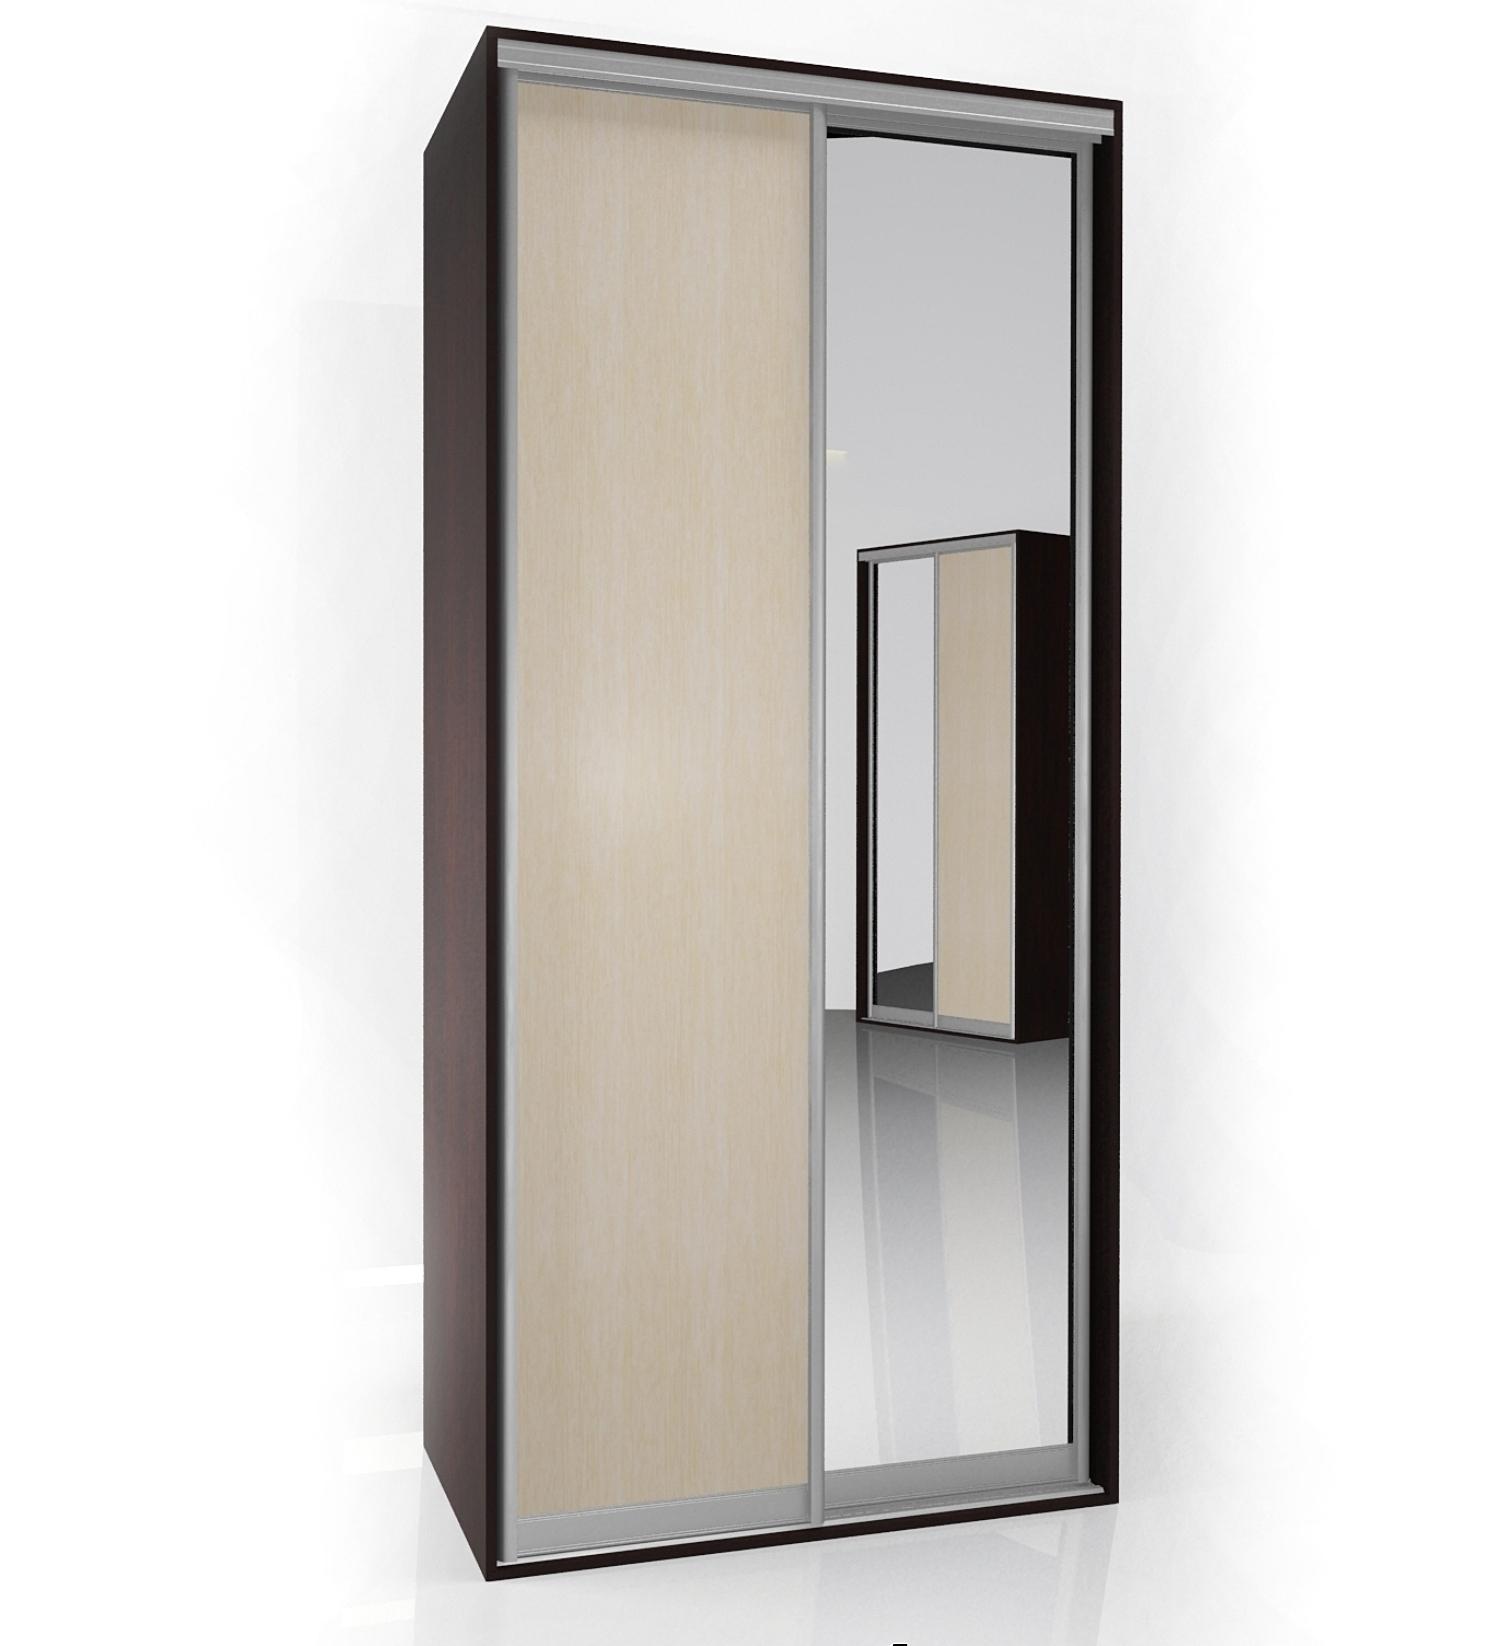 комод мебелайн 1 Шкаф-купе Мебелайн-1